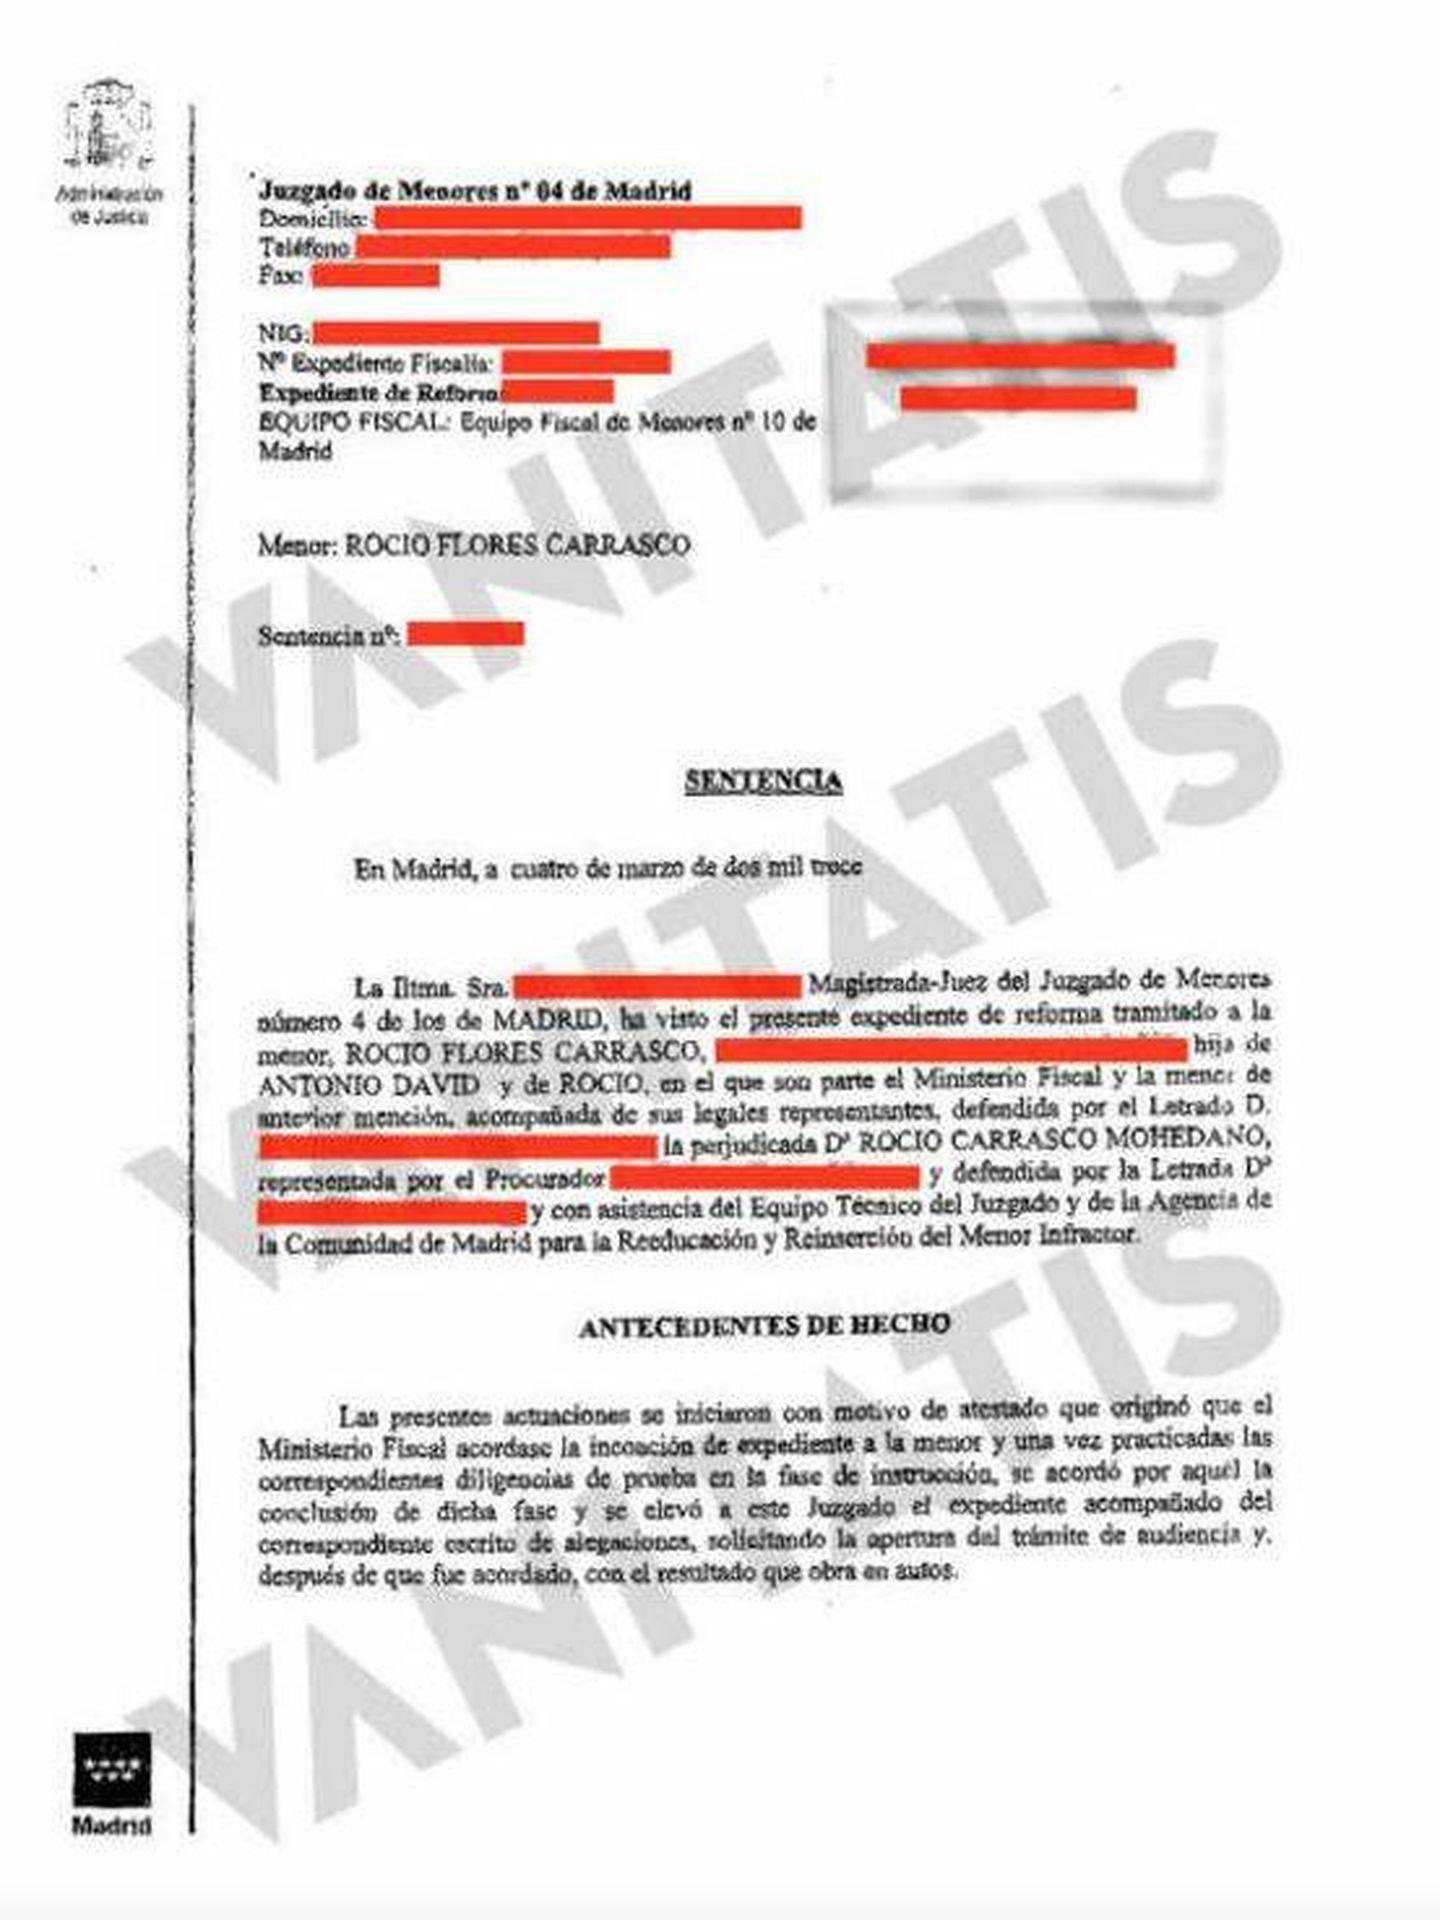 Sentencia de maltrato del 4 de marzo del Juzgado de Menores.